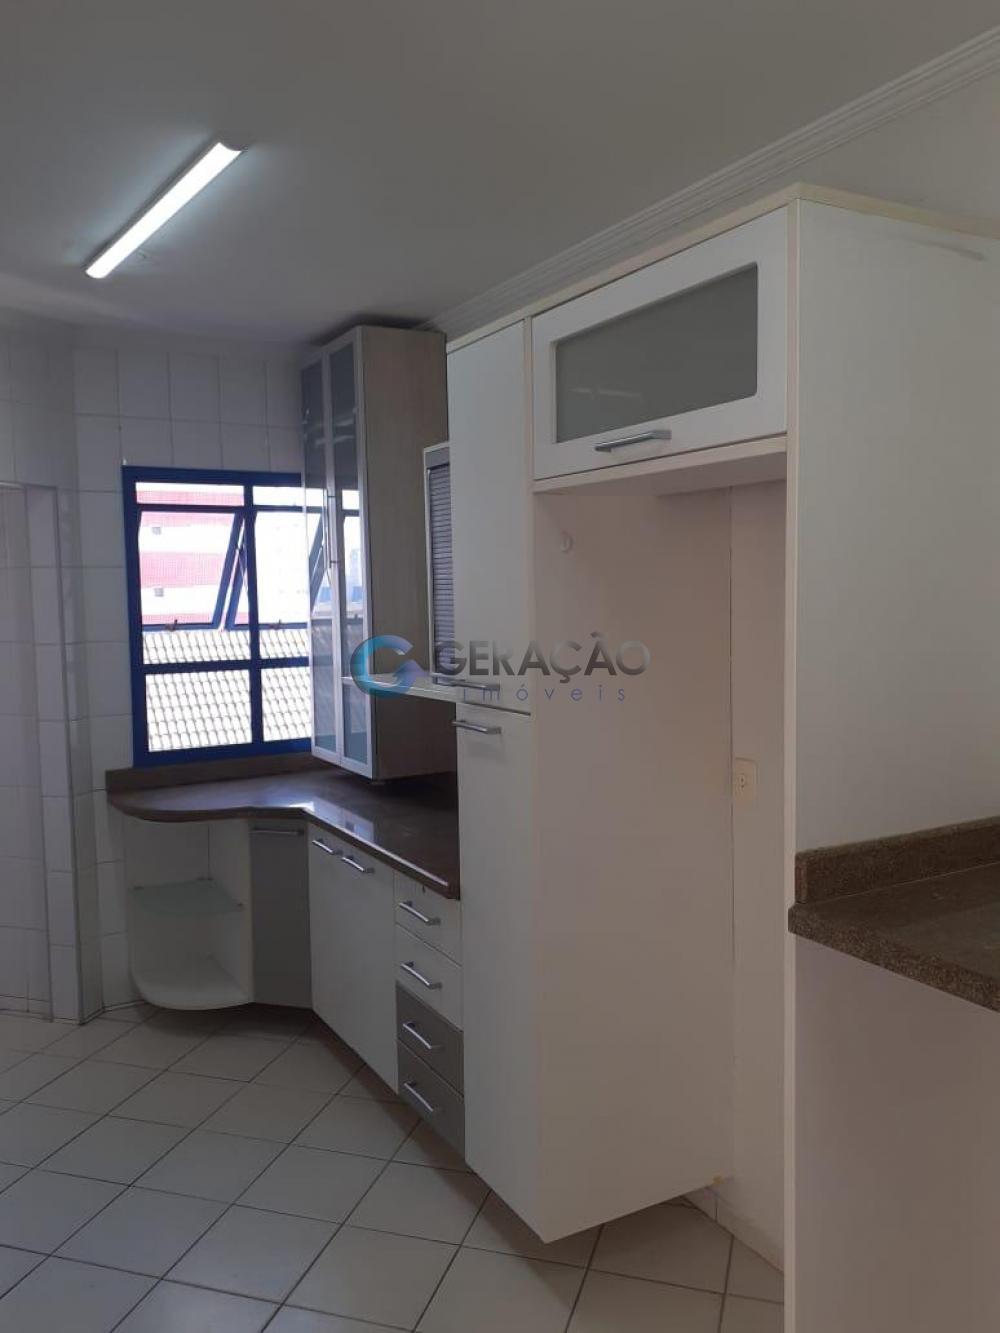 Alugar Apartamento / Padrão em São José dos Campos R$ 1.650,00 - Foto 8